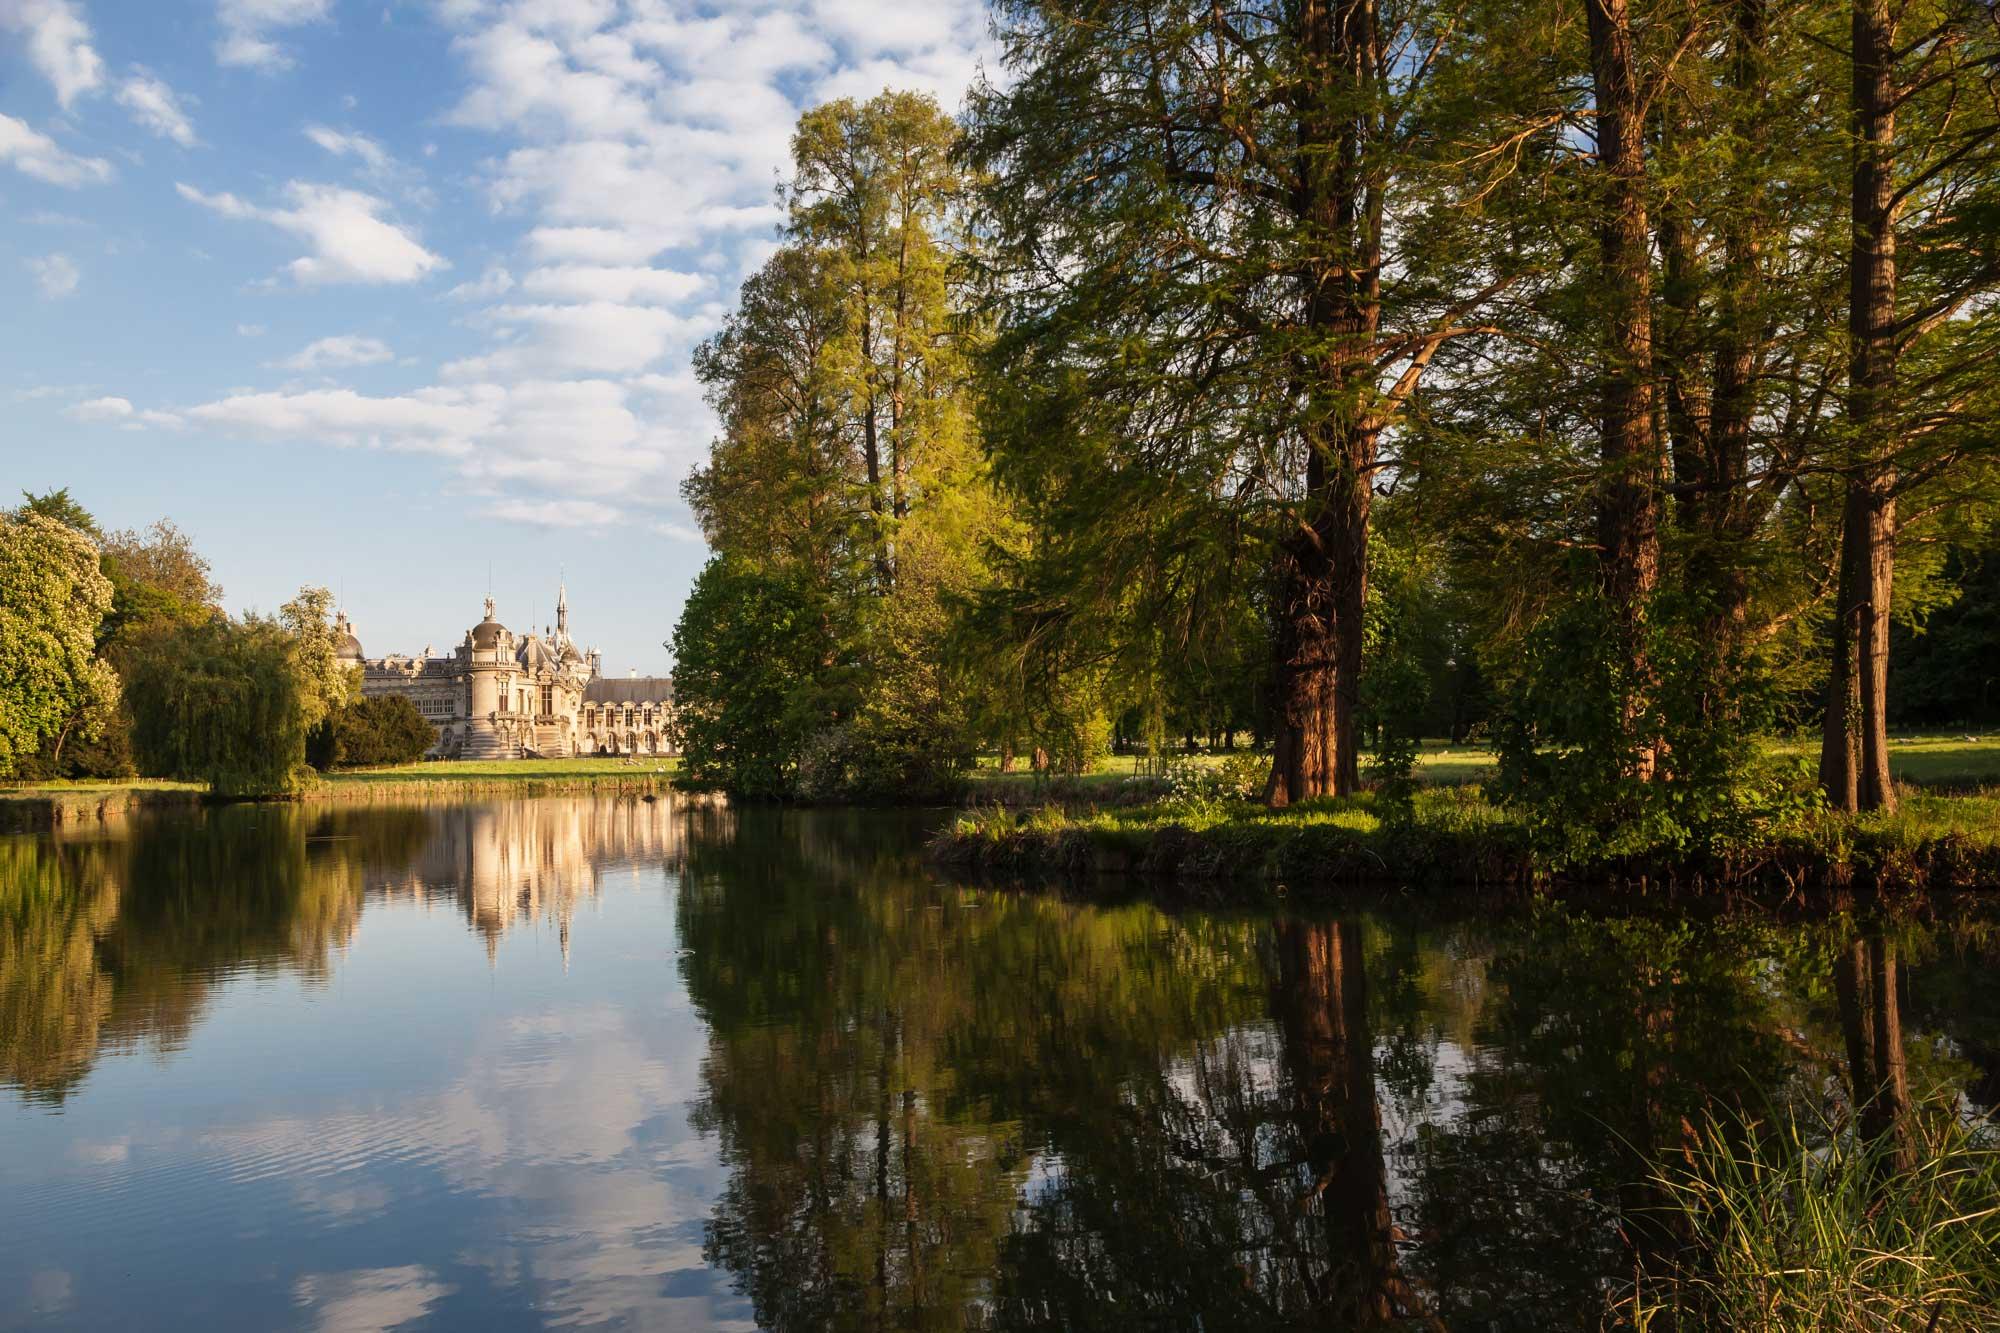 Domaine de Chantilly  parc-copyright-sophie-lloyd.jpg